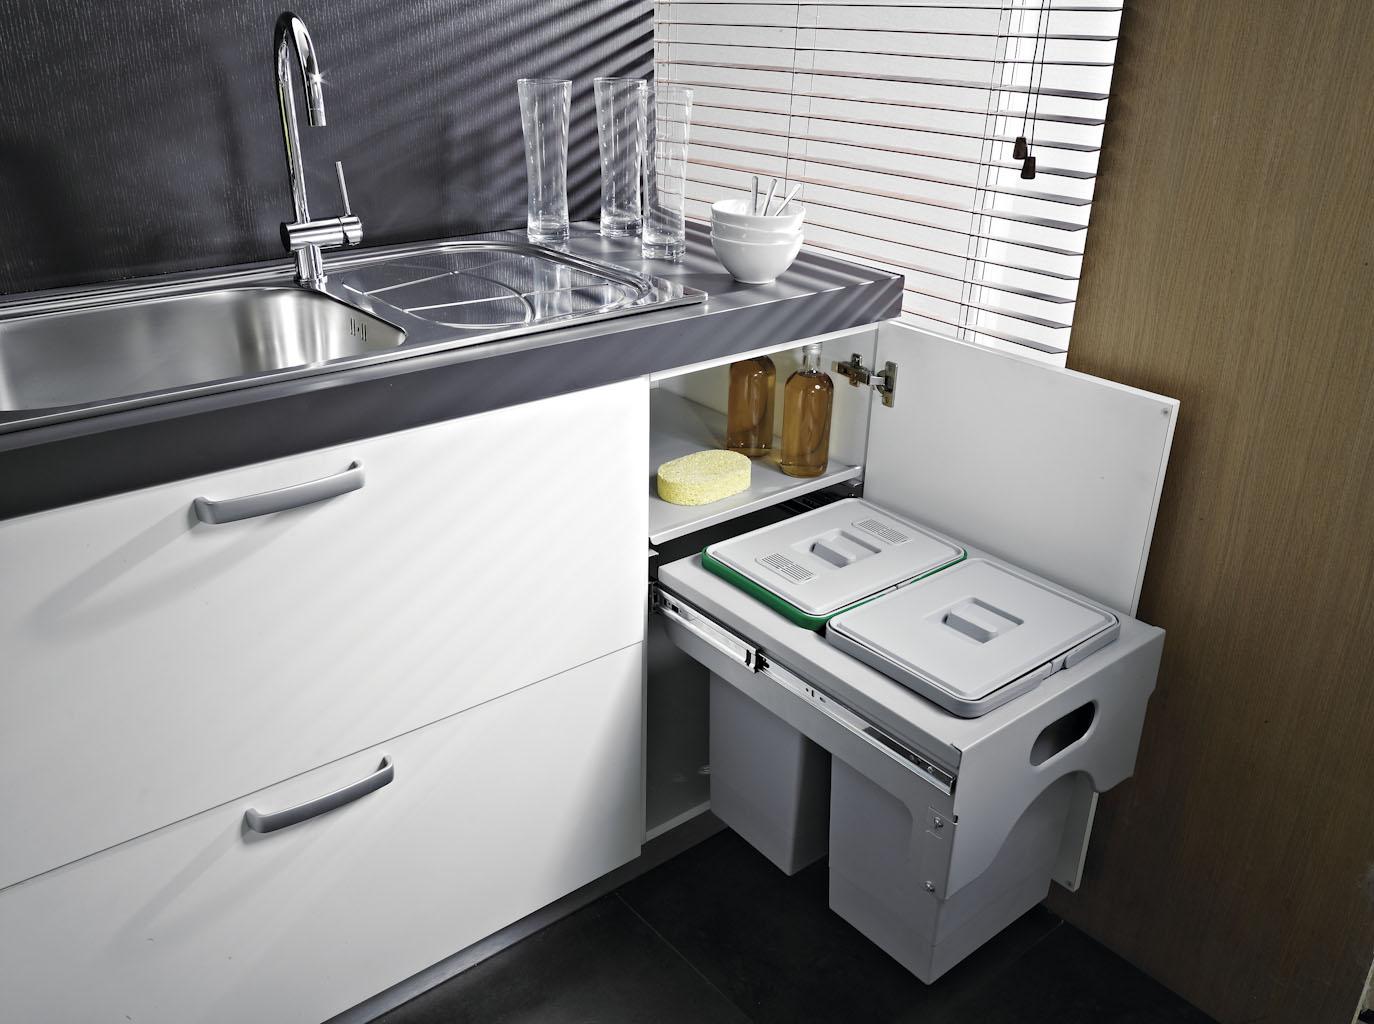 Pattumiera Estraibile Cabinet Per Base Cucina Modulo 45cm Ecologica Secchi 2x15l Planet Cucina